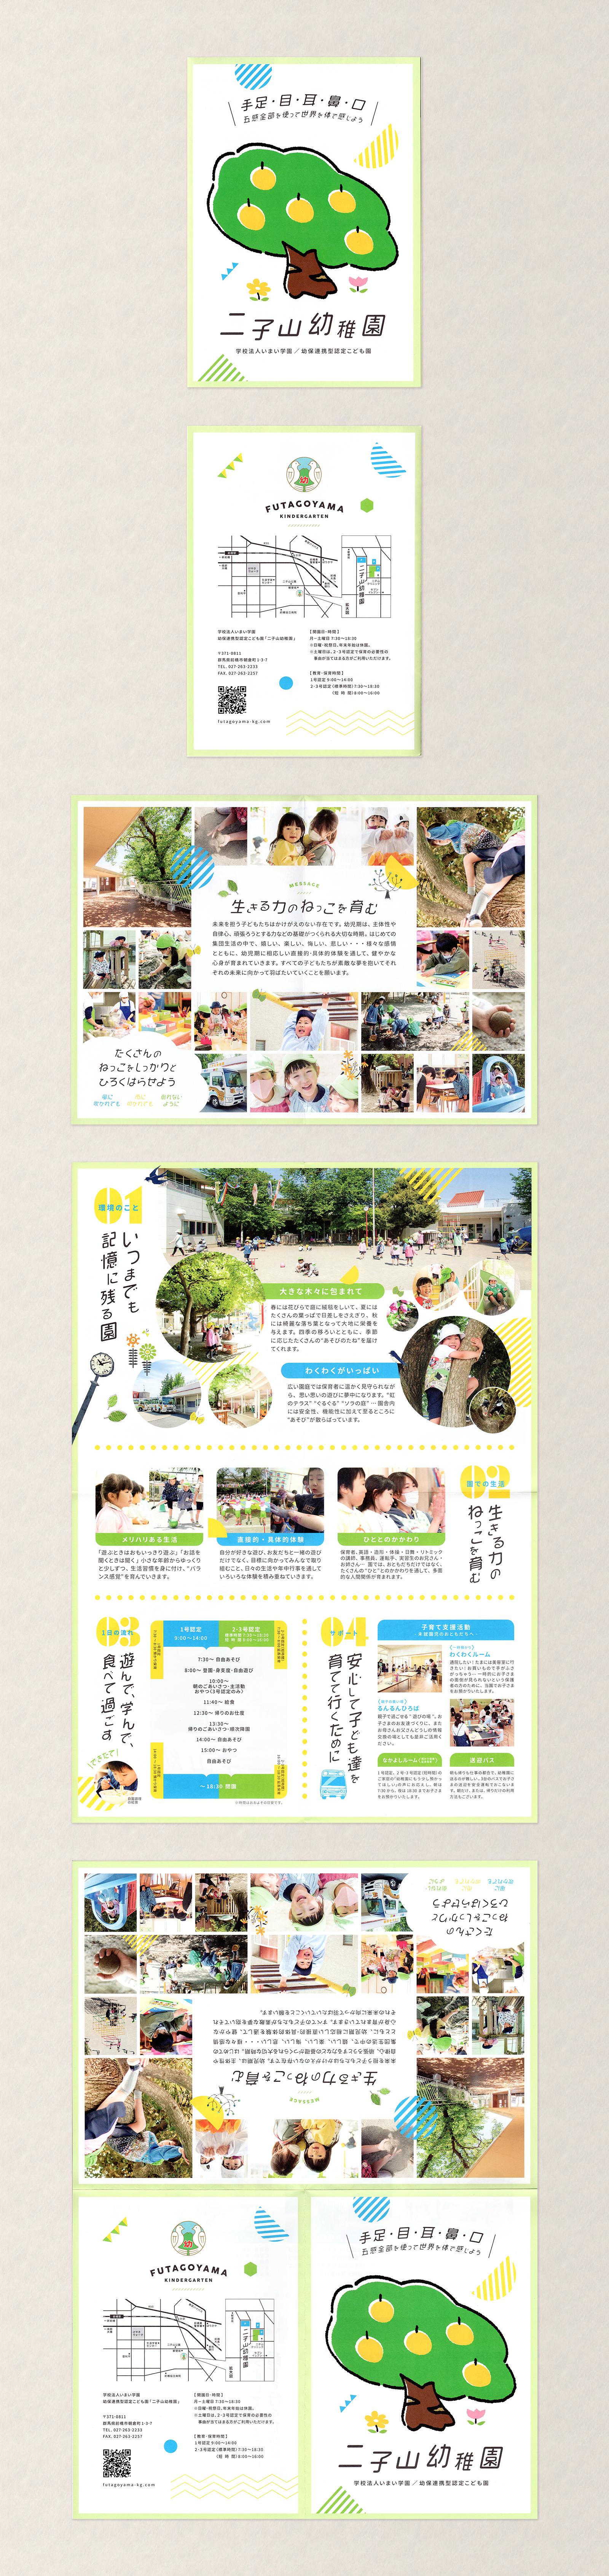 二子山幼稚園リーフレット